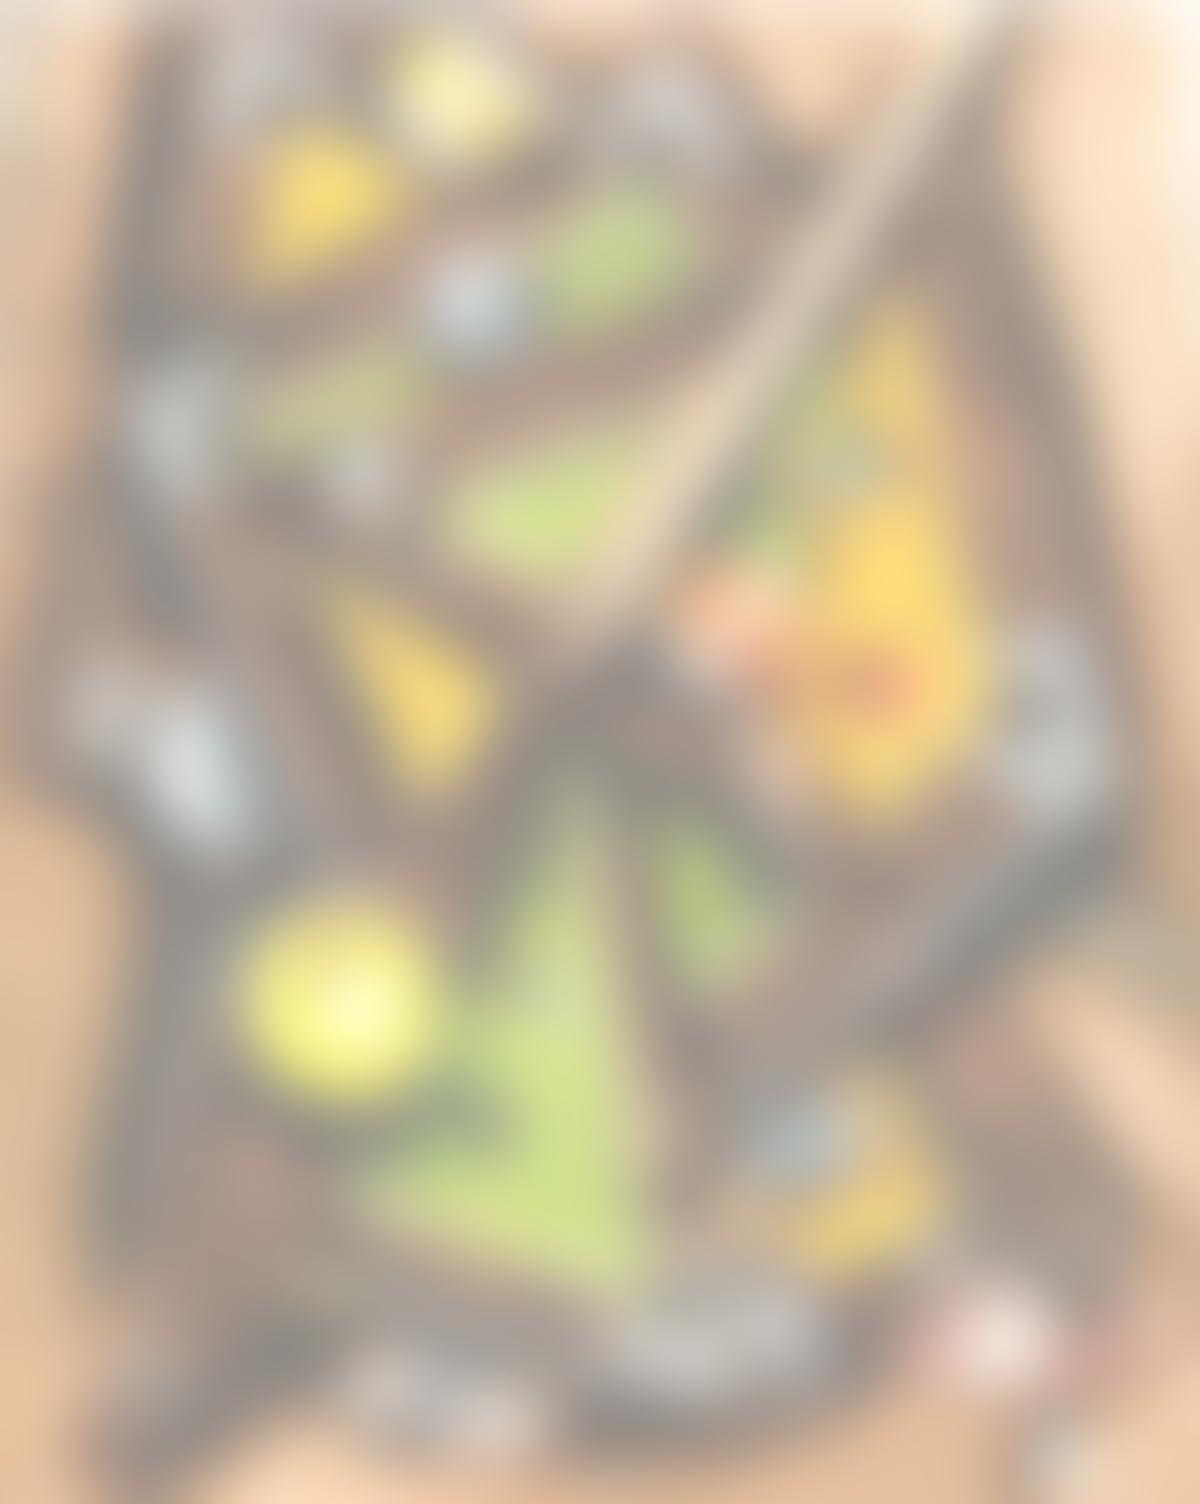 Fancy Billiard Wall Art Ensign - All About Wallart - adelgazare.info